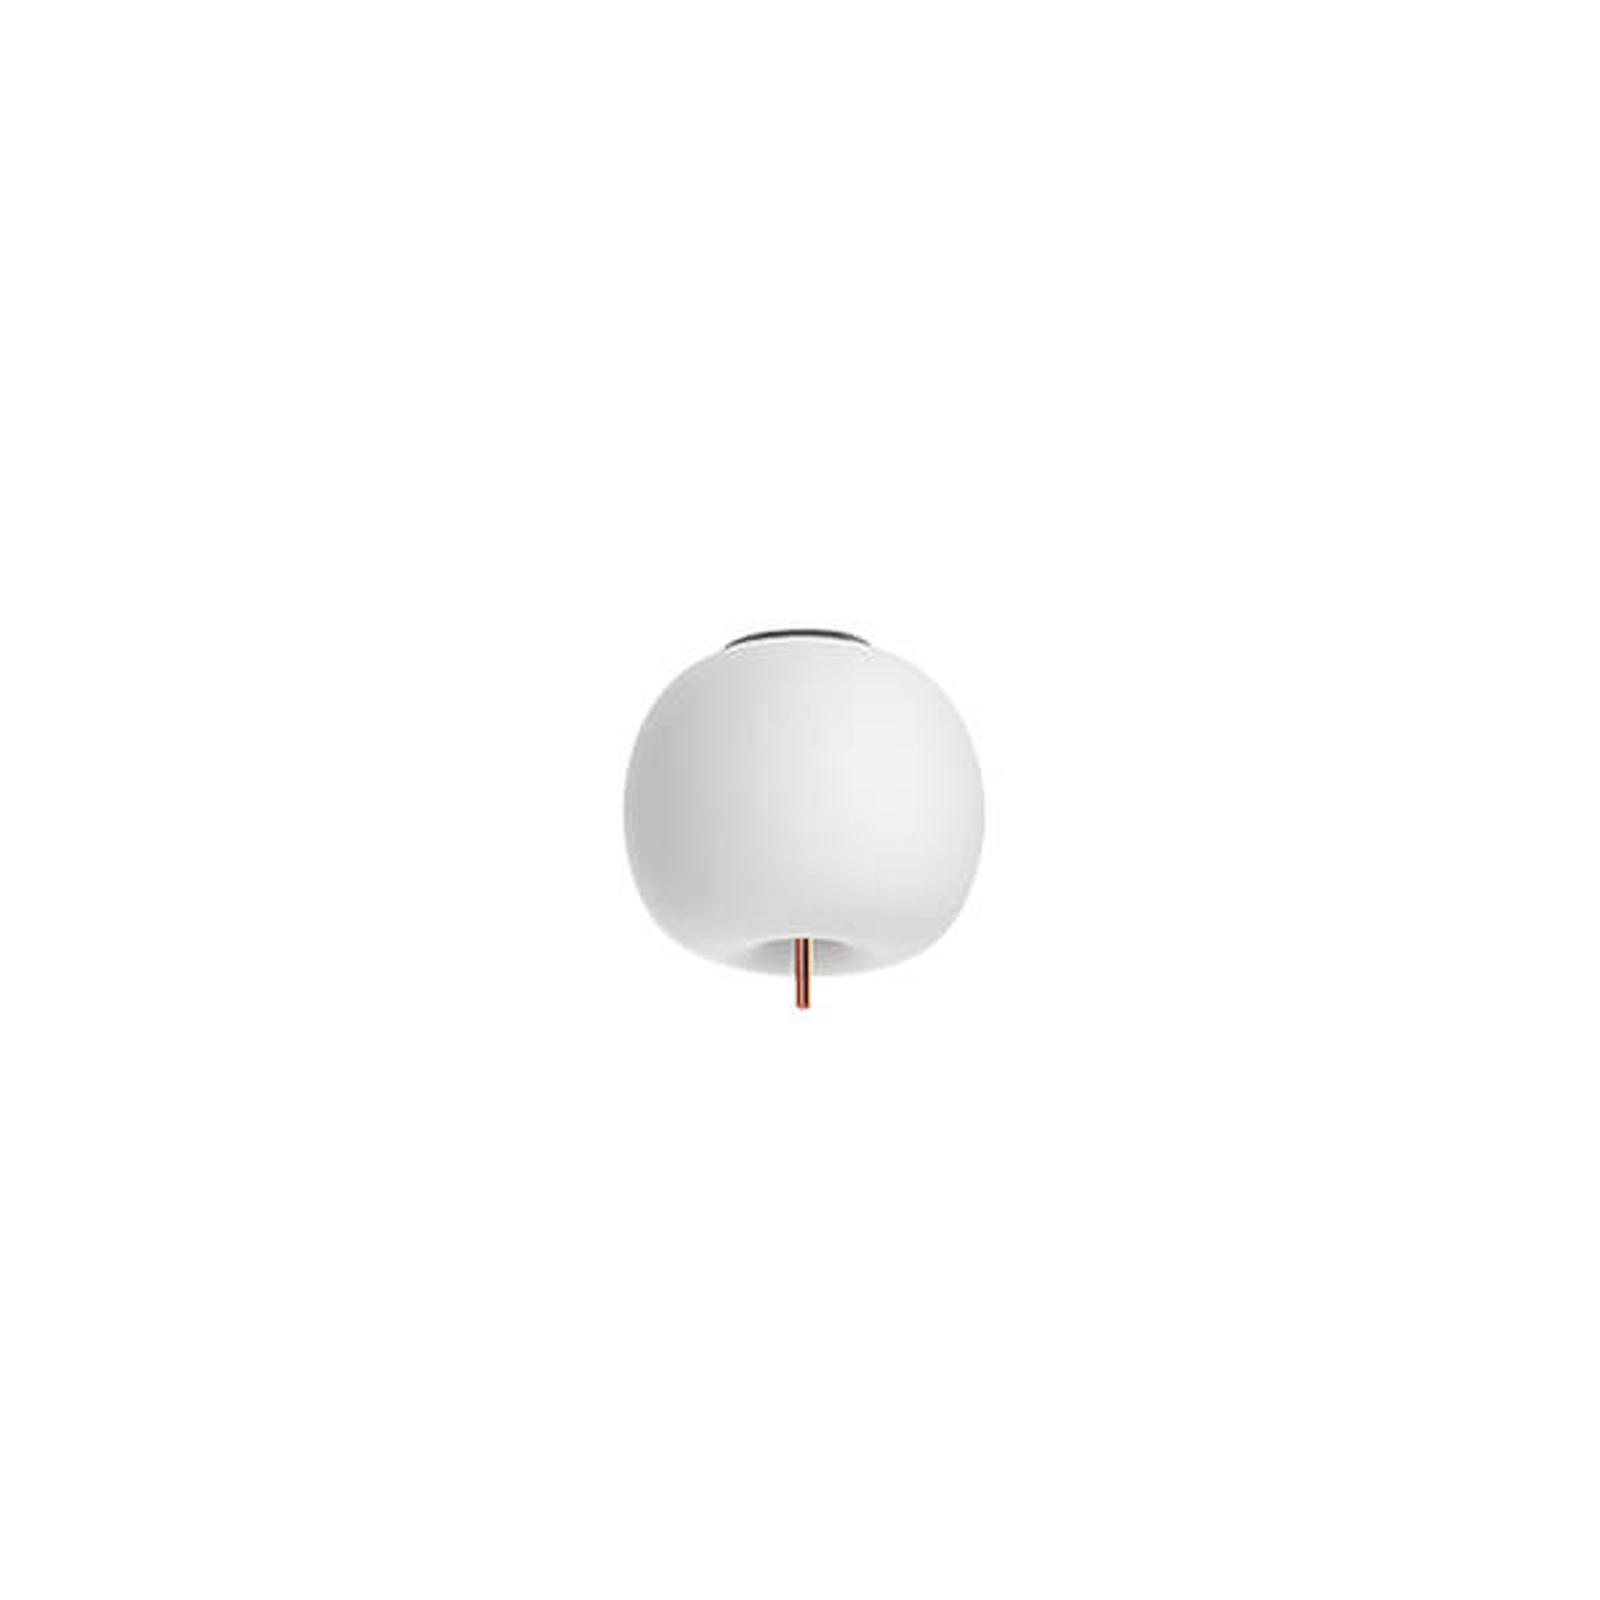 Kundalini Kushi - LED-Deckenleuchte kupfer 16cm